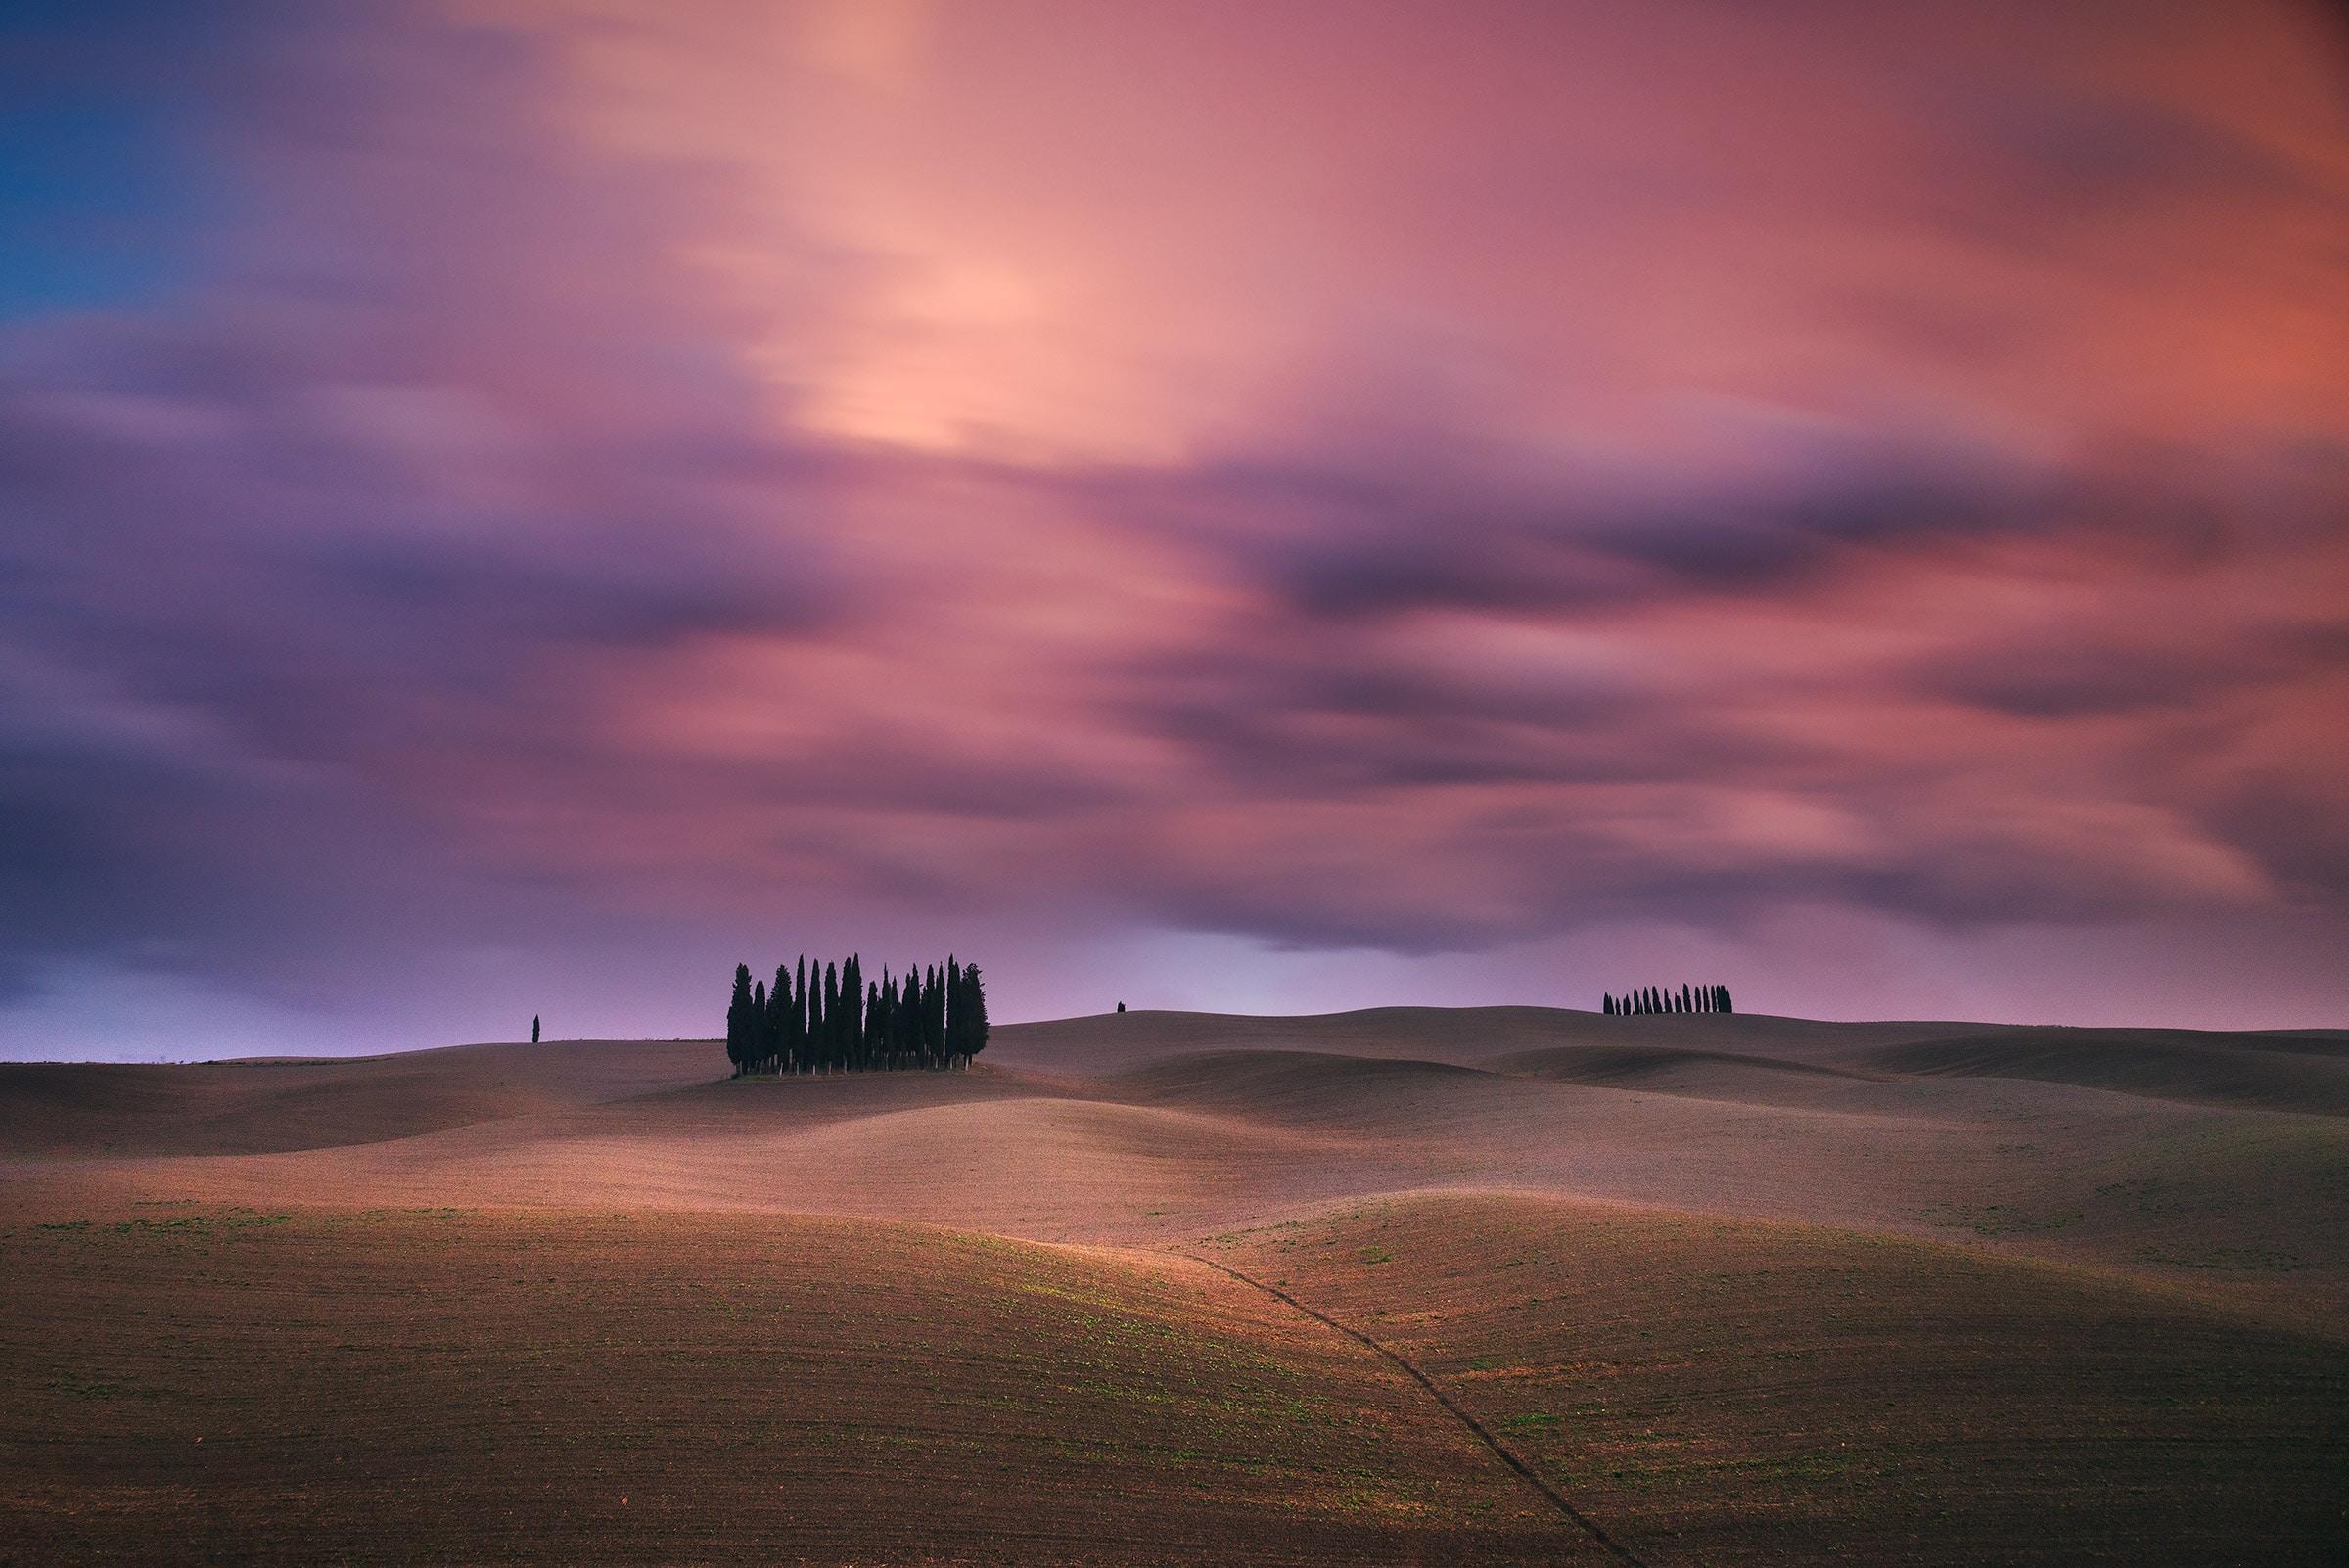 tuscany autumn photo tour